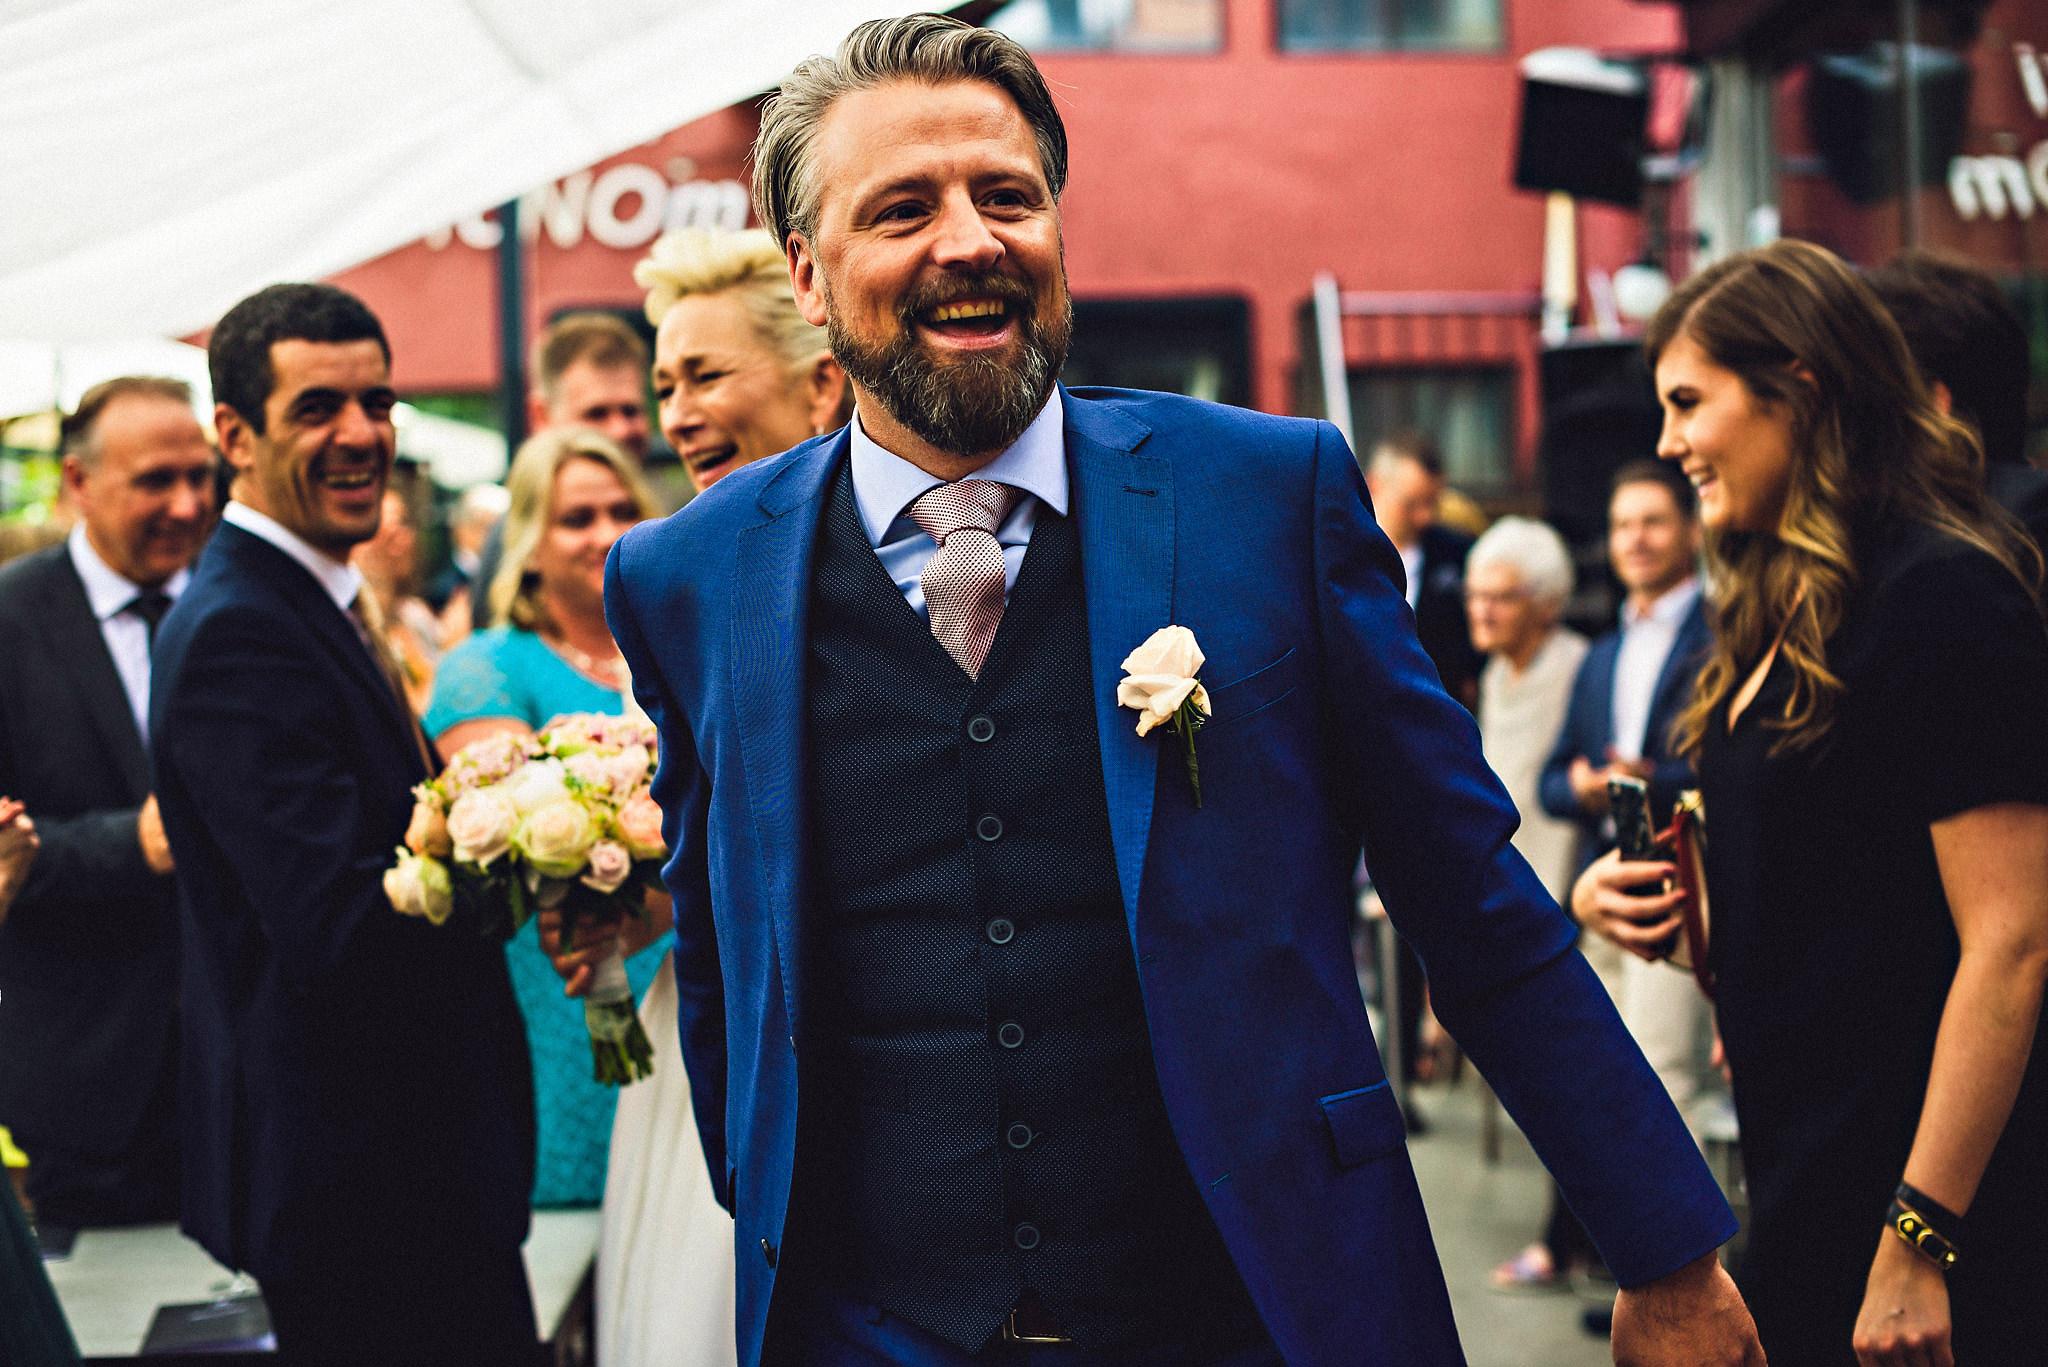 Eirik Halvorsen Tone og Sven bryllup blog-36.jpg